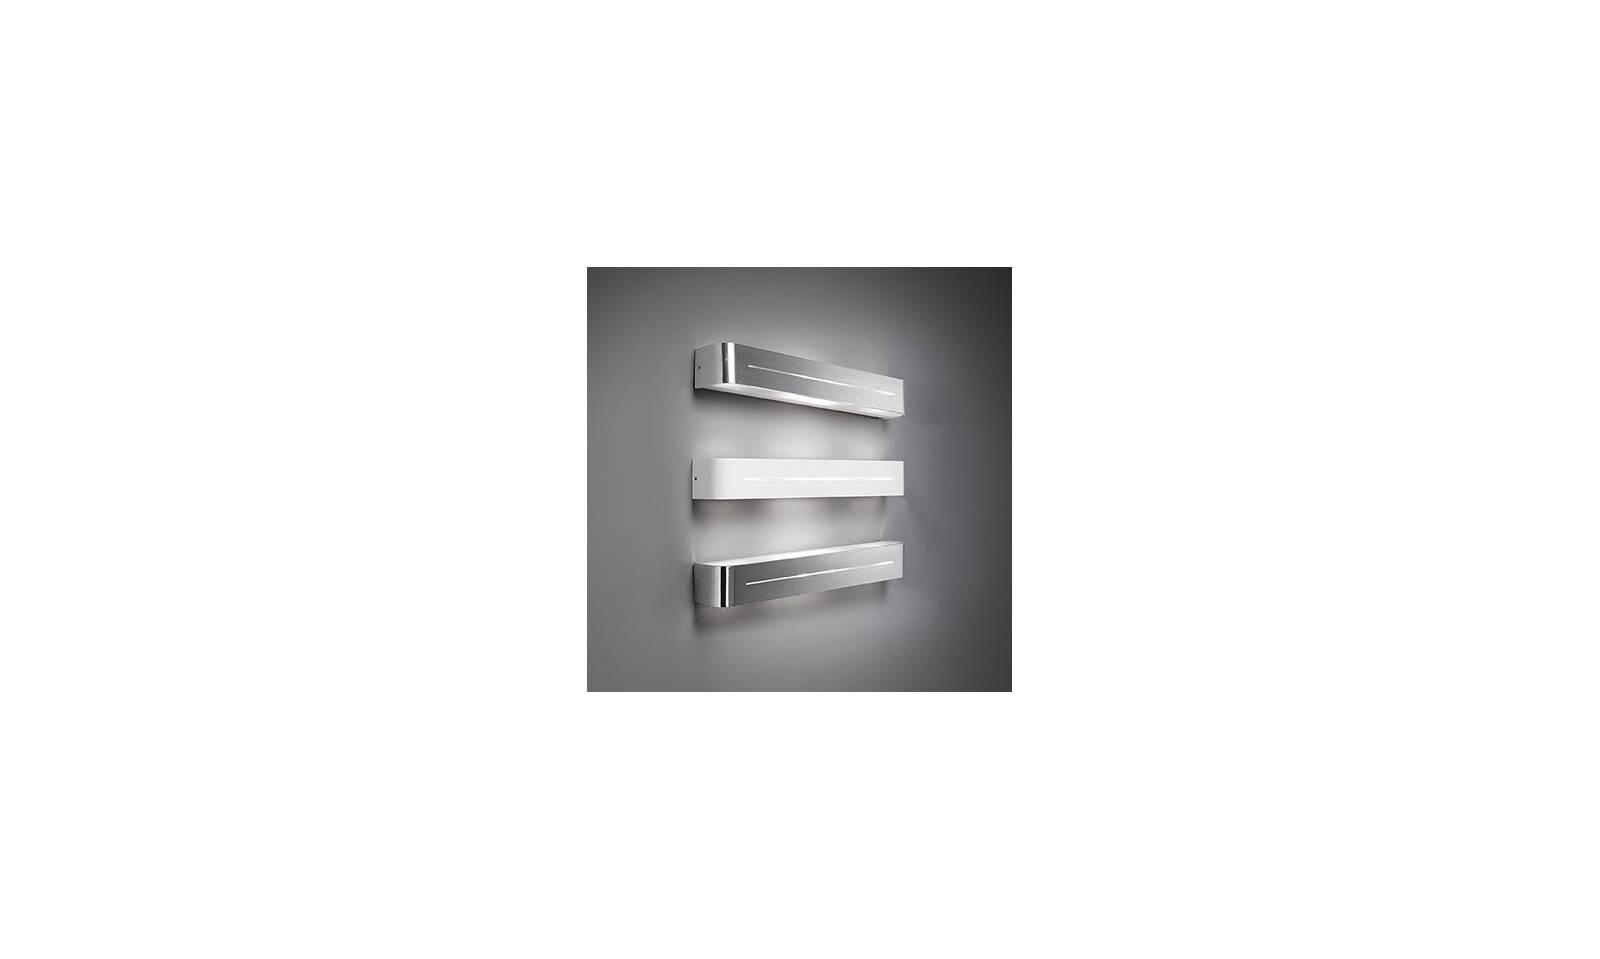 Ideallux applique moderno in metallo serie posta